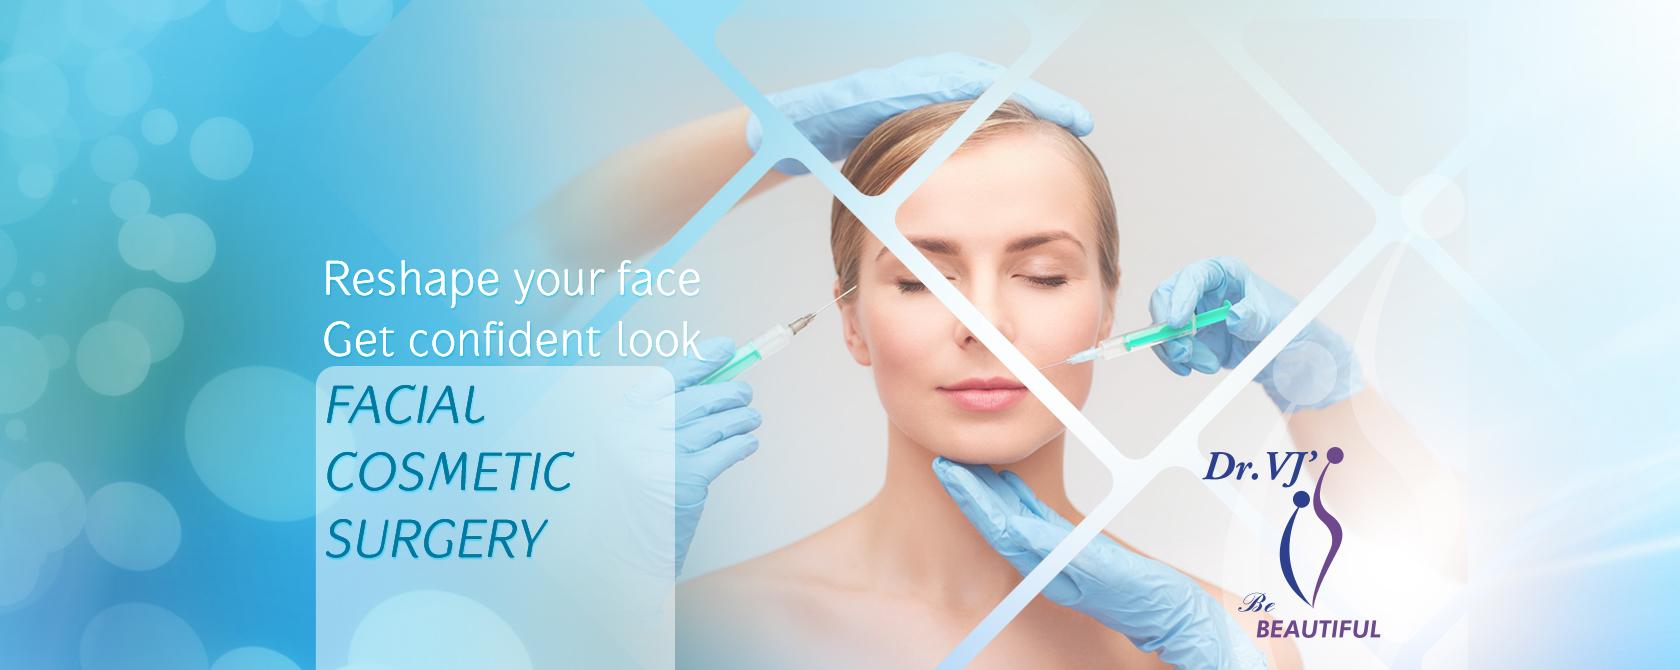 VJs Cosmetic Surgery & Hair Transplantation